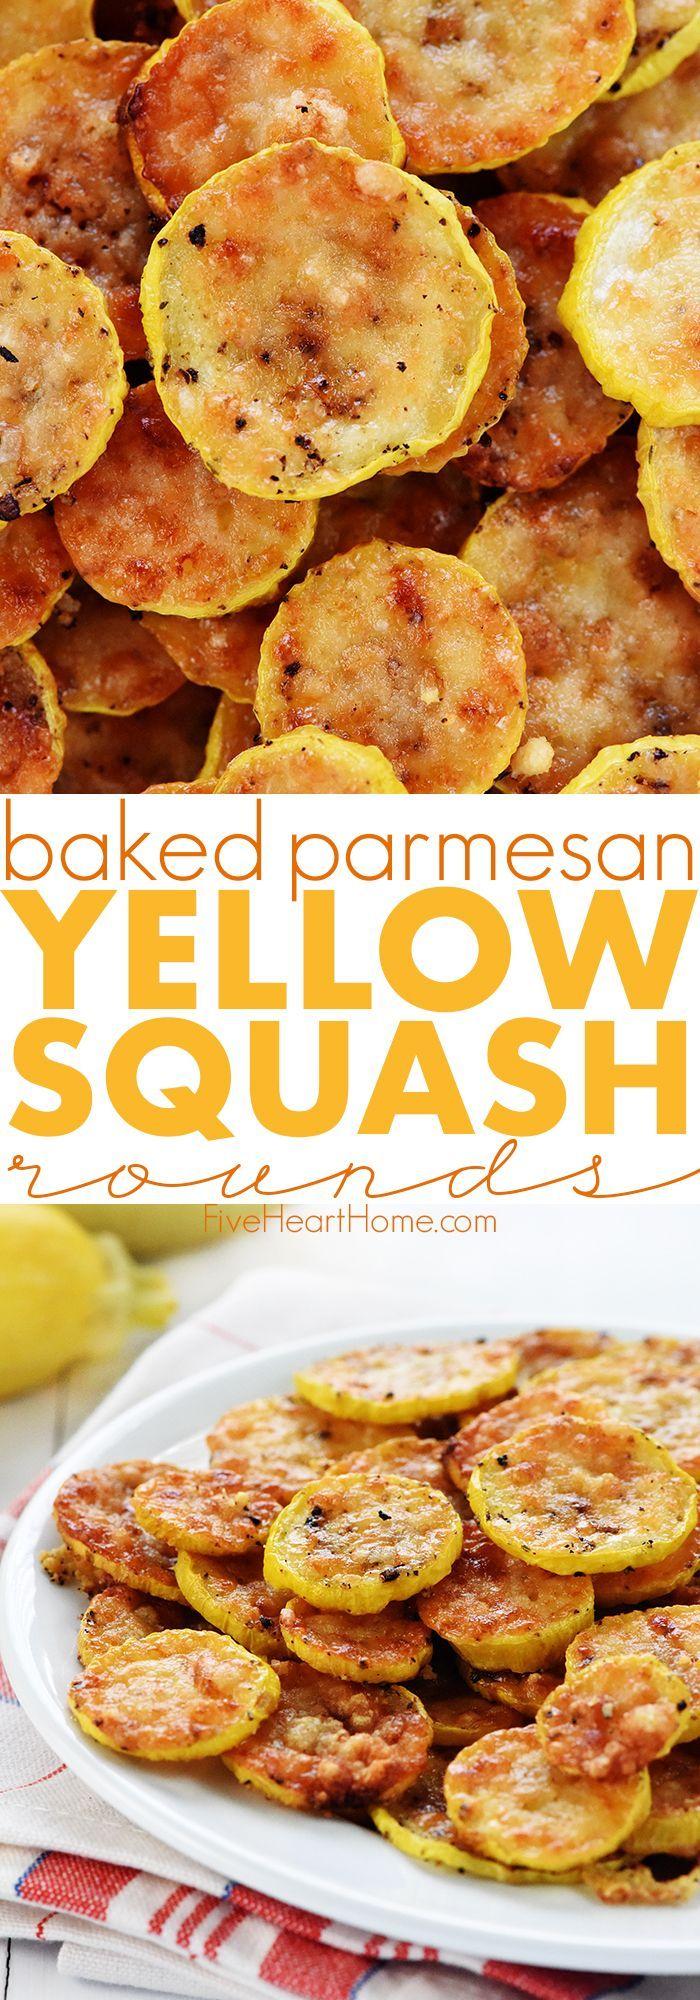 Baked Parmesan Yellow Squash Runden Rezept ~ eine einfache und leckere Sommerseite d …